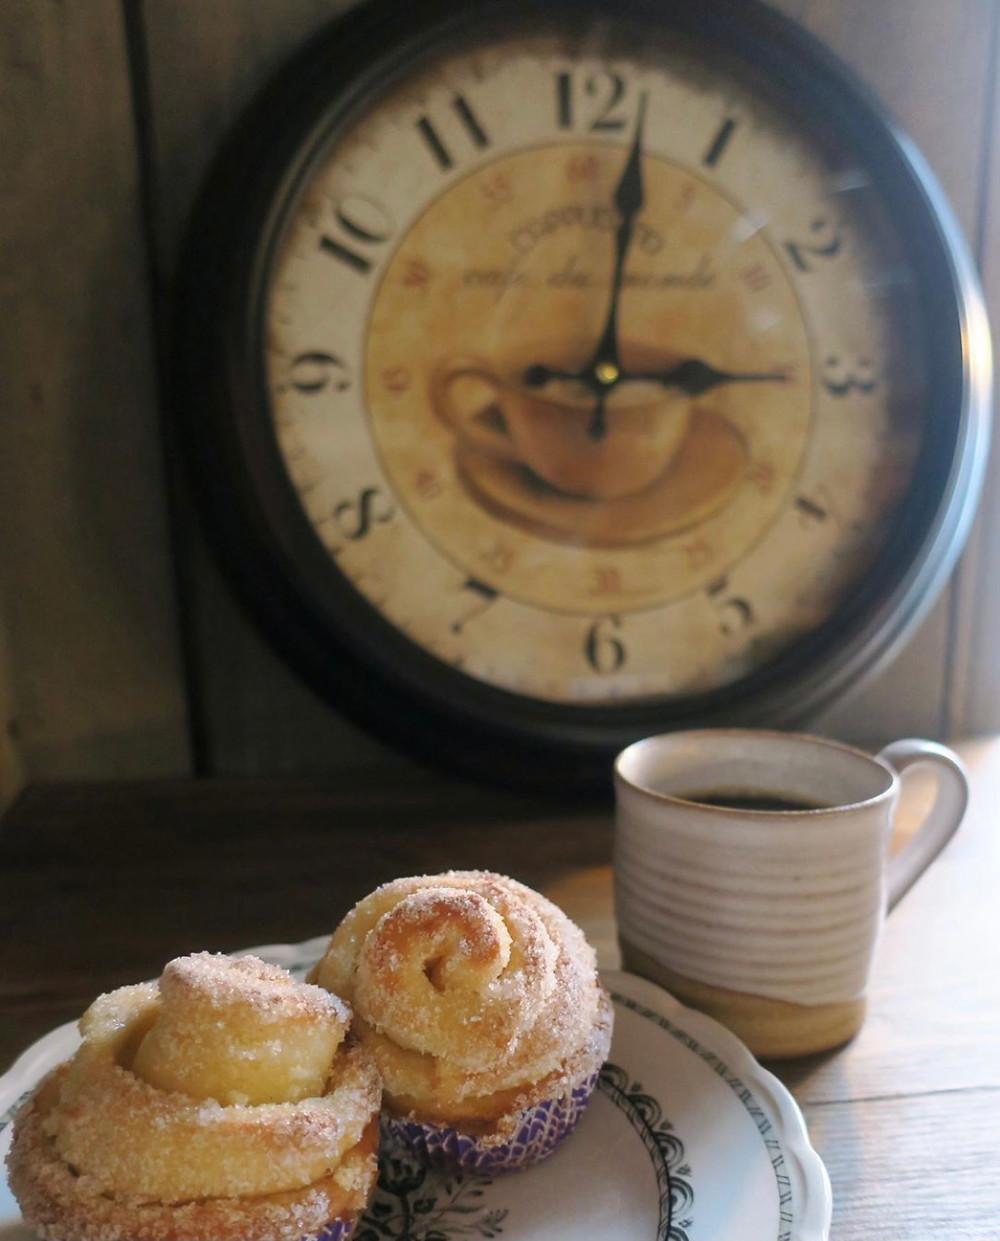 Två sockrade vetebullar med enrustik kaffekopp med en stor klocka i bakgrunden.